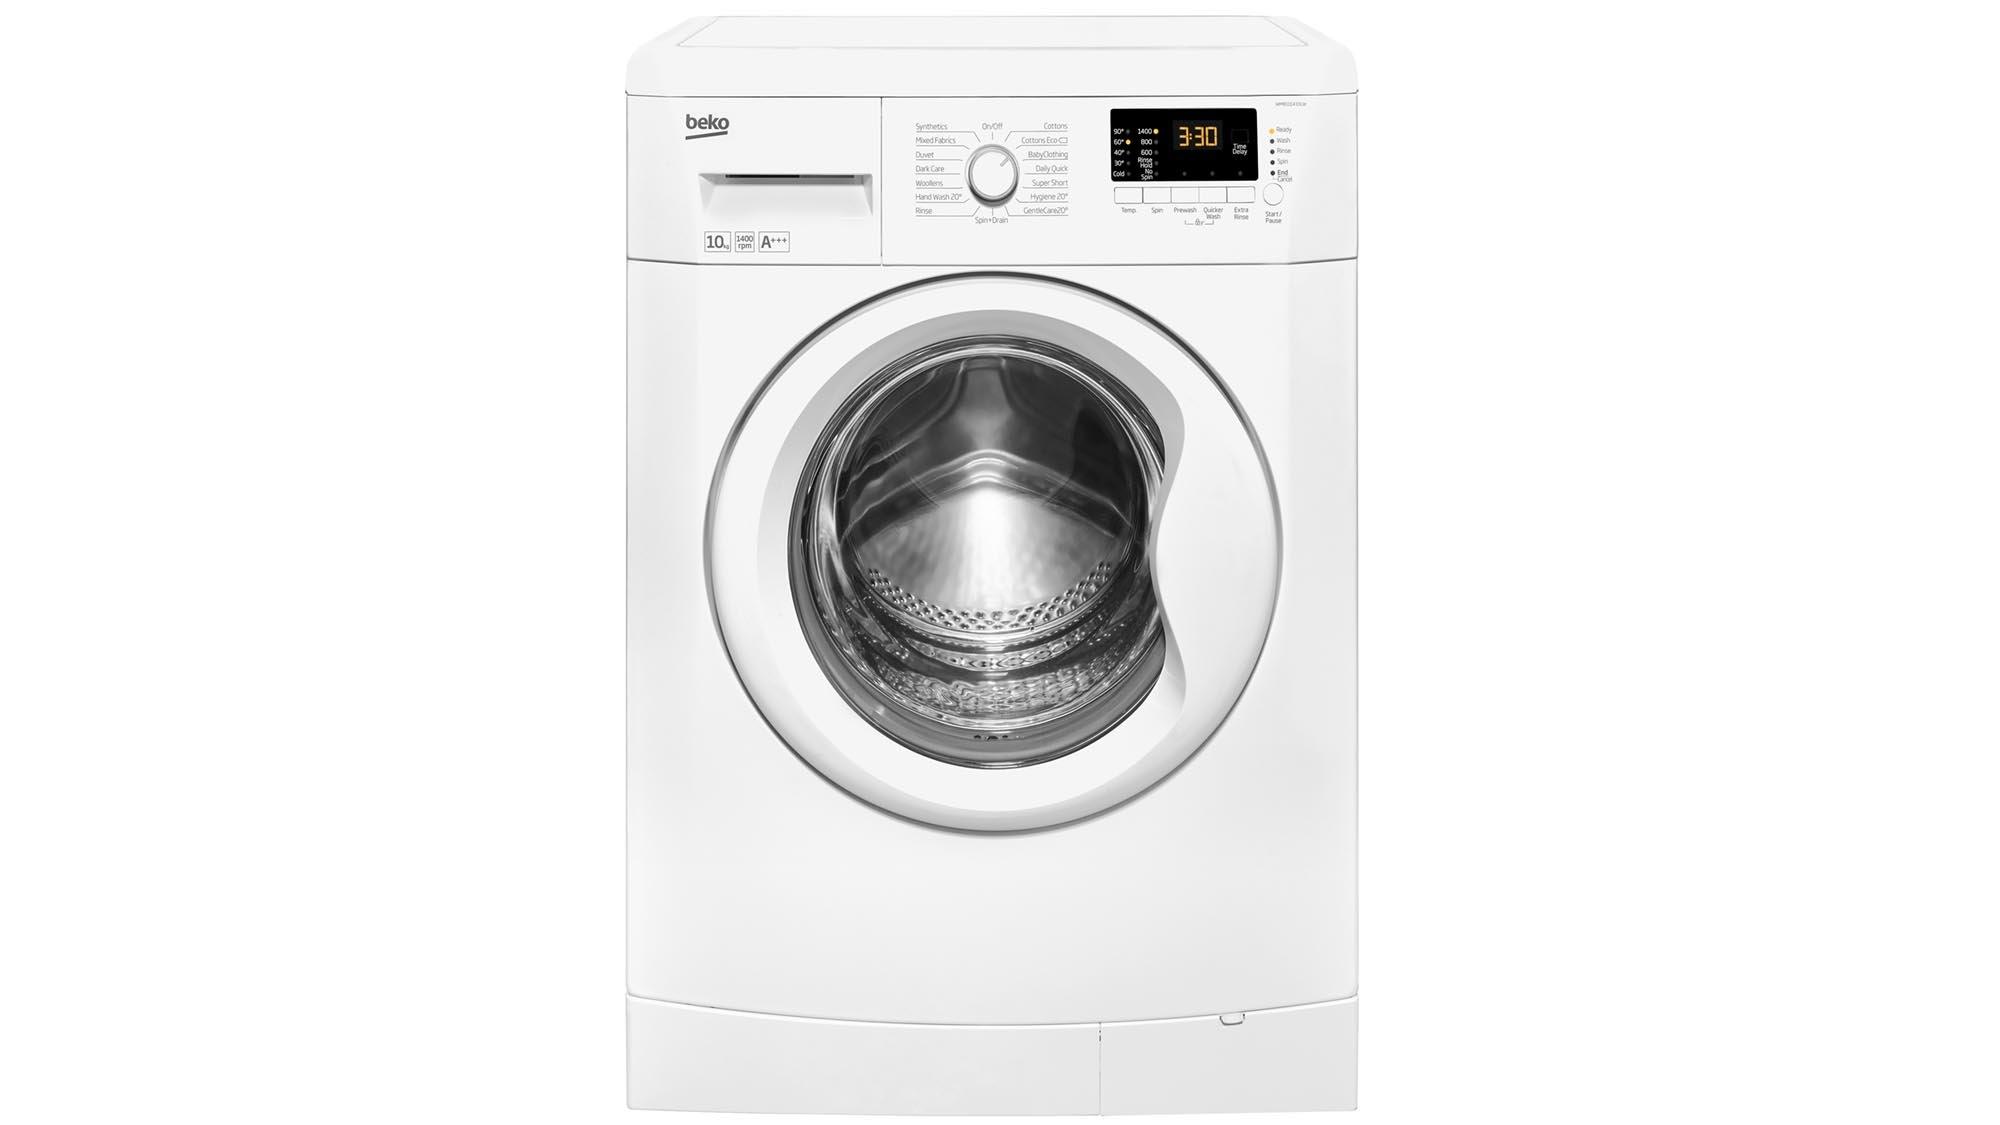 Washing Machine With Dryer Uk Part - 33: Beko WMB101433LW: The Best Washing Machine Under £300